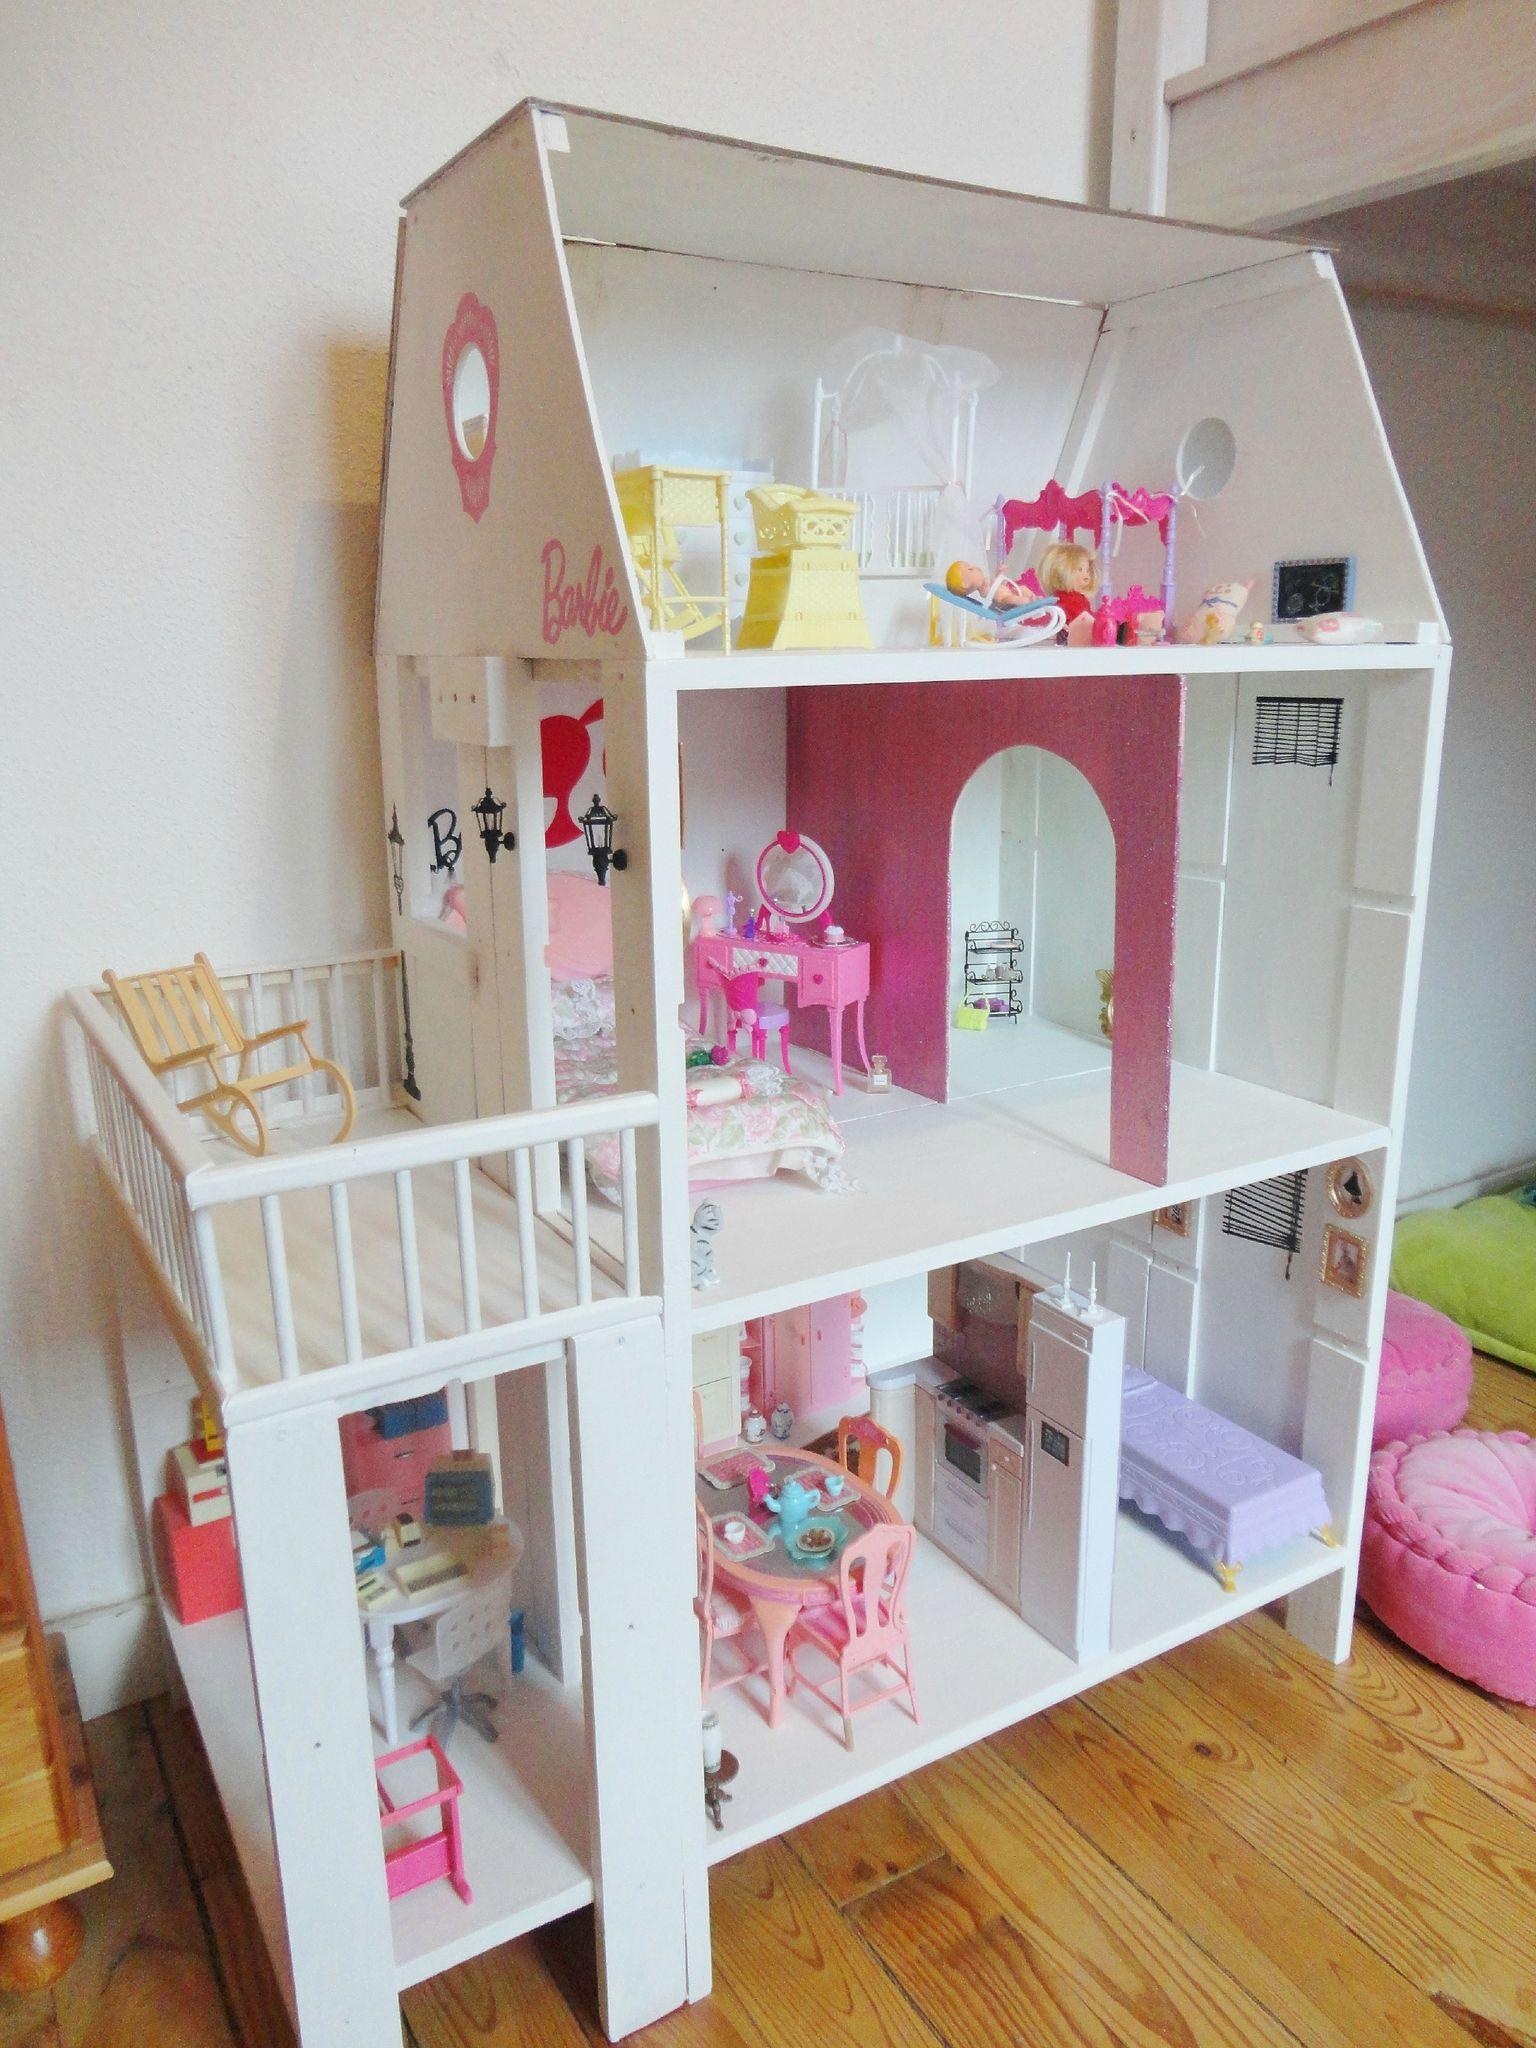 Maison de barbie sc cr ations doll houses doll house plans barbie furniture barbie dream - Plan de maison de barbie ...